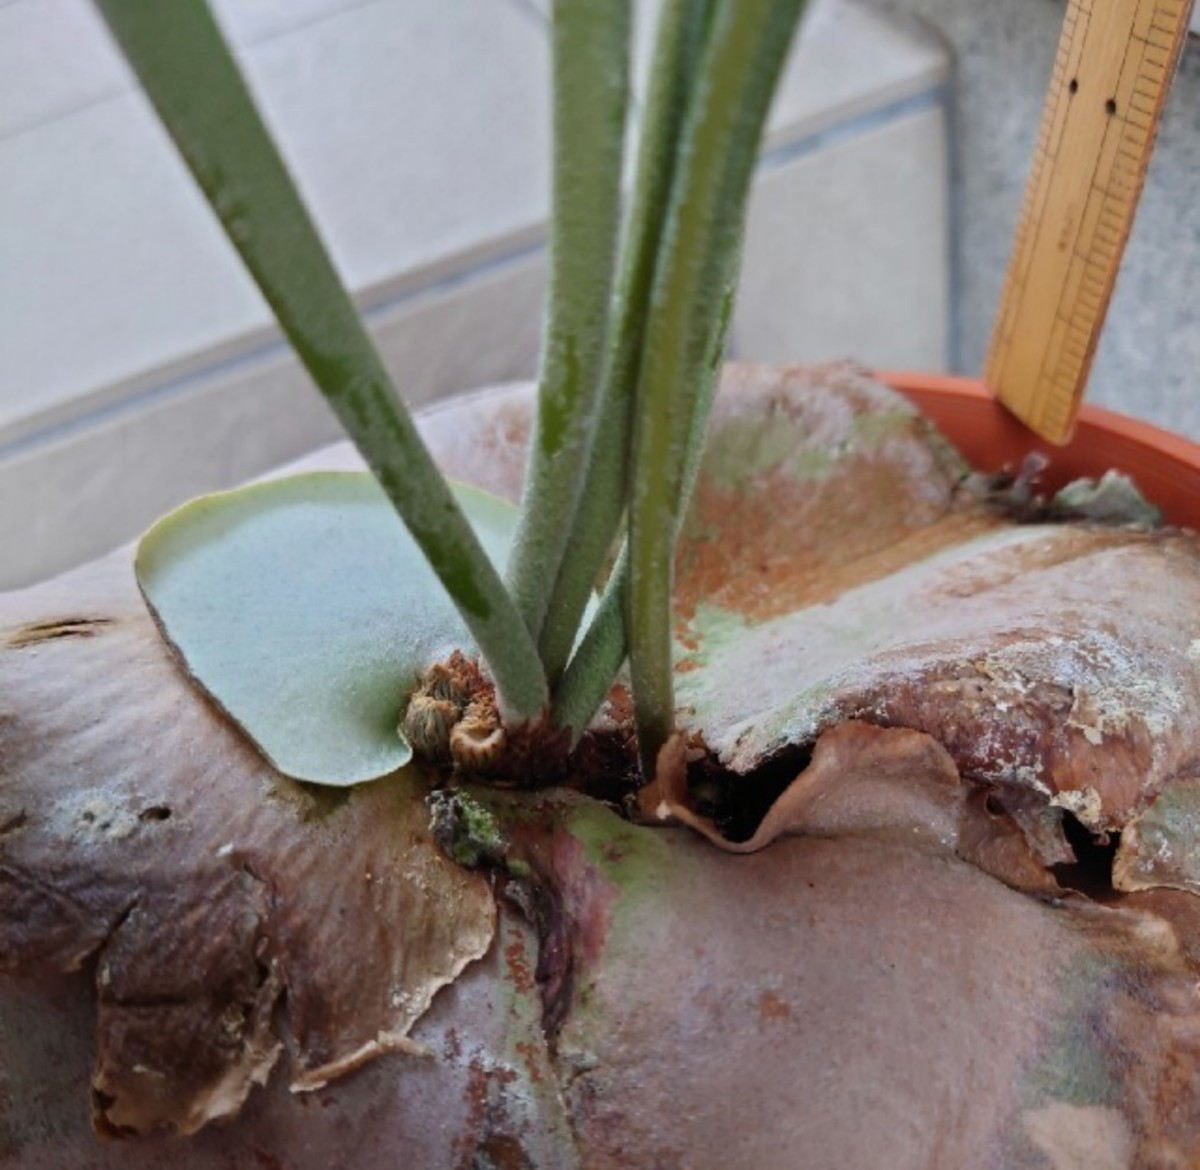 ビカクシダ コウモリランネザーランドインテリアにオシャレな観葉植物 鉢入り